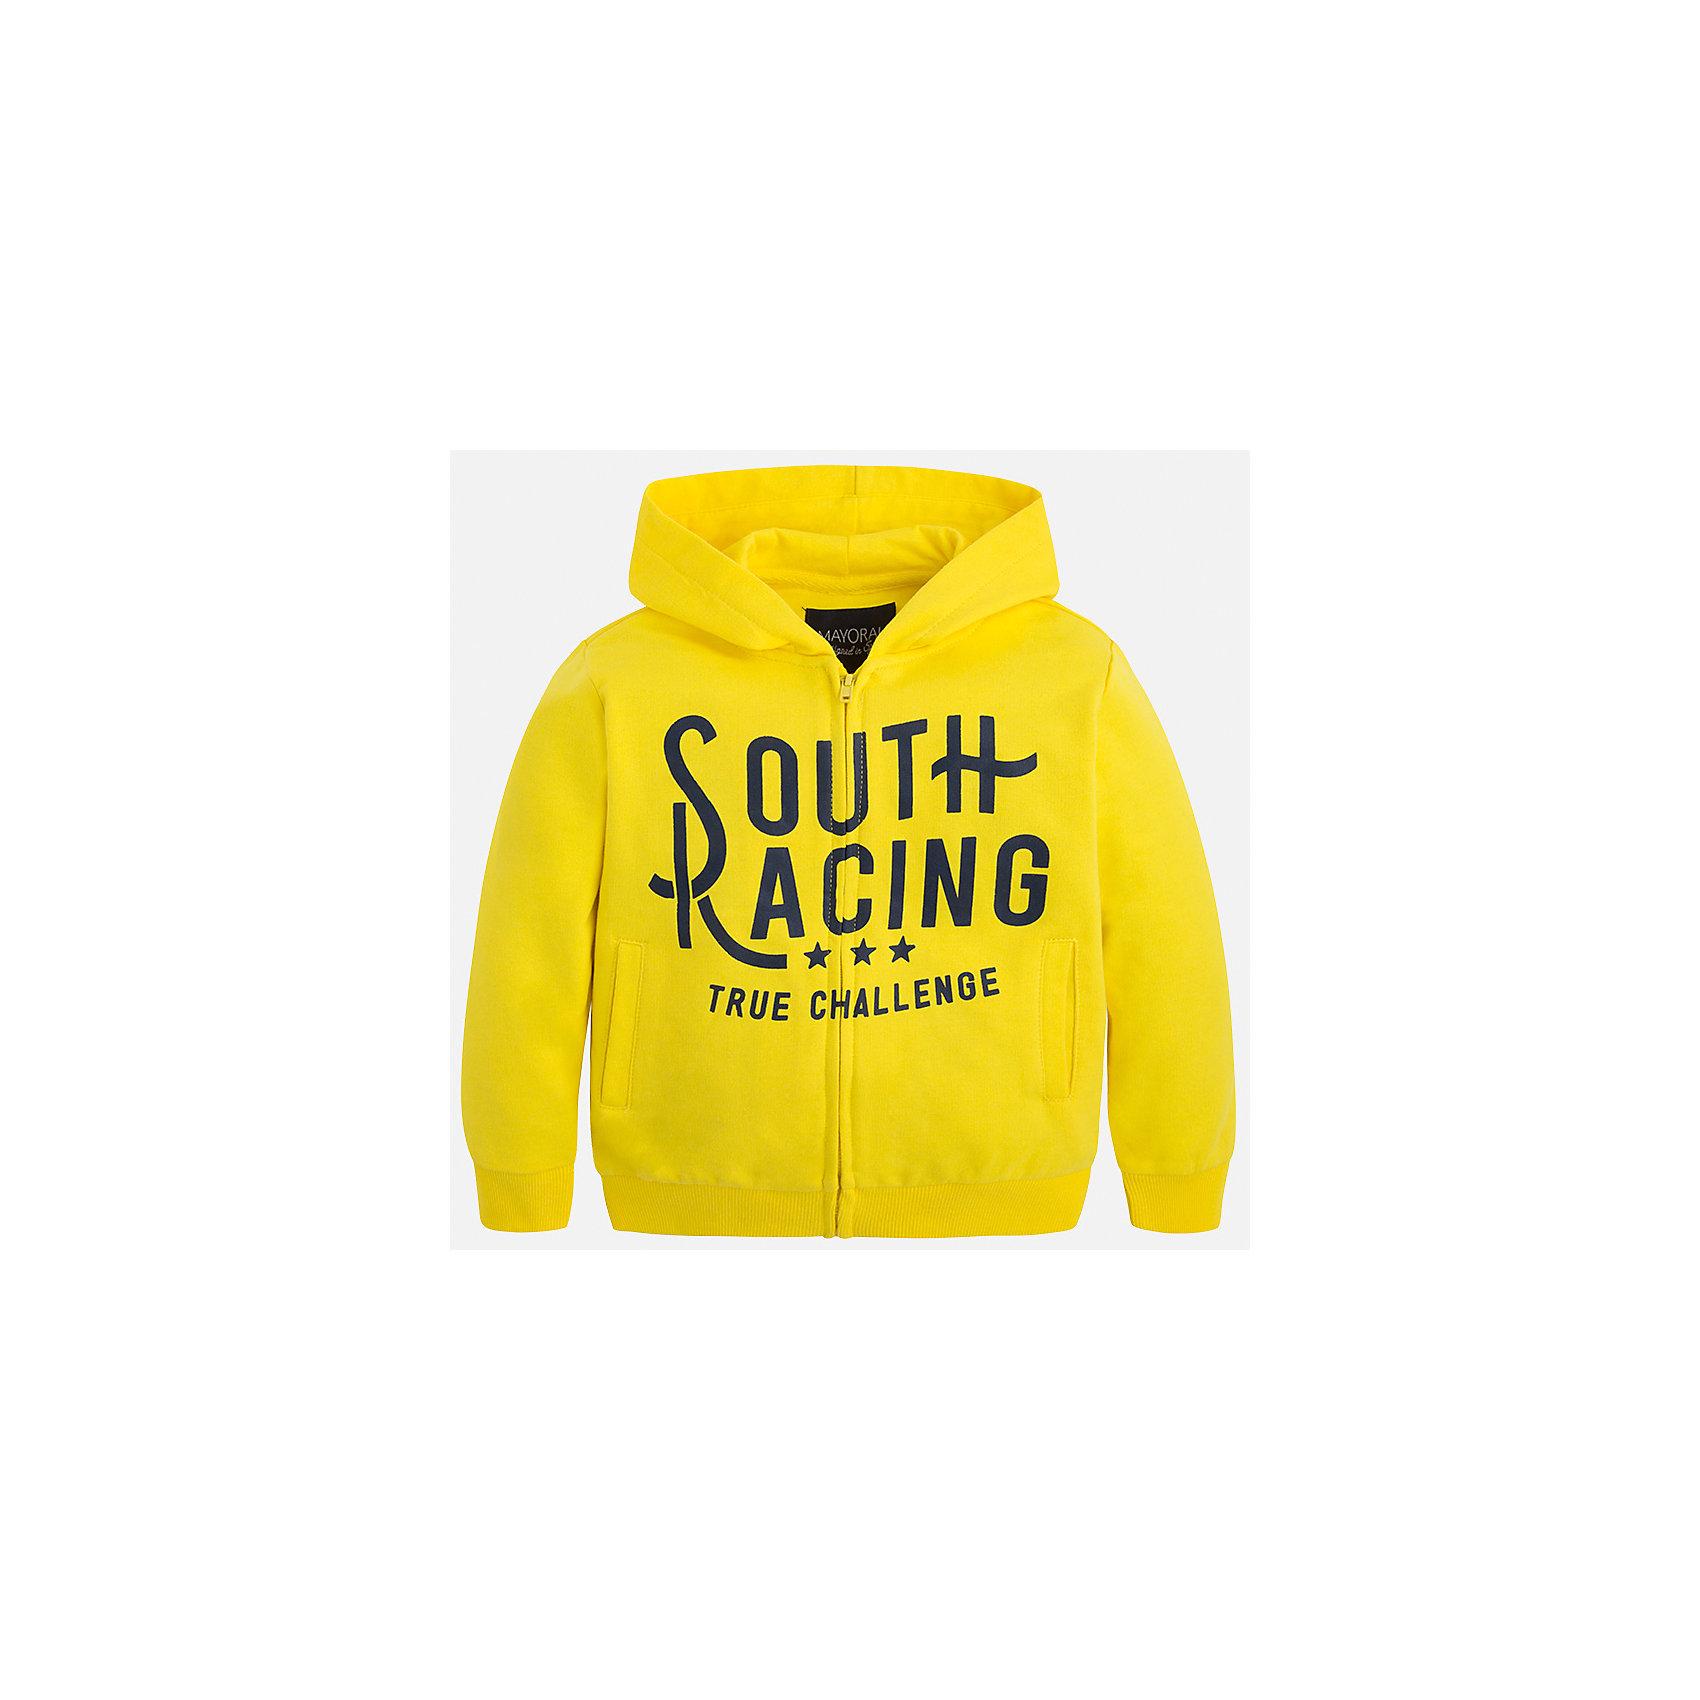 Толстовка для мальчика MayoralТолстовки<br>Характеристики товара:<br><br>• цвет: жёлтый<br>• состав: 60% хлопок, 40% полиэстер<br>• декорирована принтом<br>• манжеты<br>• молния<br>• капюшон<br>• страна бренда: Испания<br><br>Легкая куртка для мальчика поможет разнообразить гардероб ребенка и обеспечить тепло в прохладную погоду. Она отлично сочетается и с джинсами, и с брюками. Универсальный цвет позволяет подобрать к вещи низ различных расцветок. Интересная отделка модели делает её нарядной и оригинальной. В составе материала - натуральный хлопок, гипоаллергенный, приятный на ощупь, дышащий.<br><br>Одежда, обувь и аксессуары от испанского бренда Mayoral полюбились детям и взрослым по всему миру. Модели этой марки - стильные и удобные. Для их производства используются только безопасные, качественные материалы и фурнитура. Порадуйте ребенка модными и красивыми вещами от Mayoral! <br><br>Куртку для мальчика от испанского бренда Mayoral (Майорал) можно купить в нашем интернет-магазине.<br><br>Ширина мм: 356<br>Глубина мм: 10<br>Высота мм: 245<br>Вес г: 519<br>Цвет: желтый<br>Возраст от месяцев: 48<br>Возраст до месяцев: 60<br>Пол: Мужской<br>Возраст: Детский<br>Размер: 110,92,98,104,122,134,128,116<br>SKU: 5280621